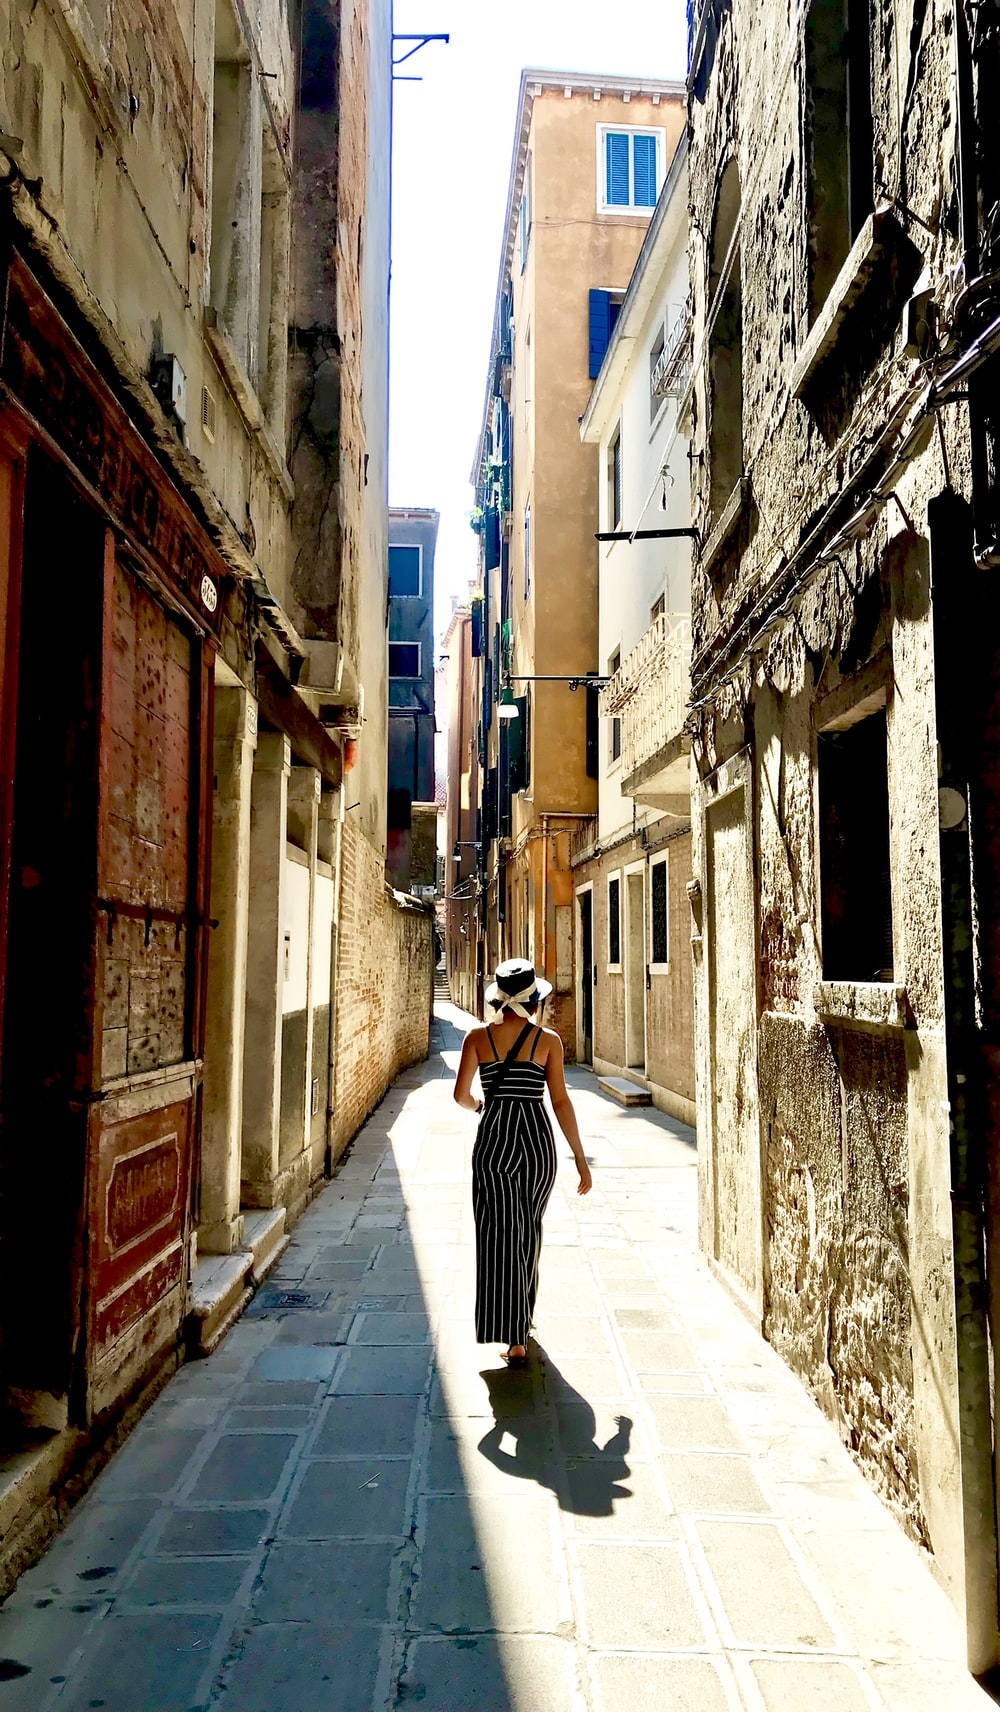 woman walking on alleway